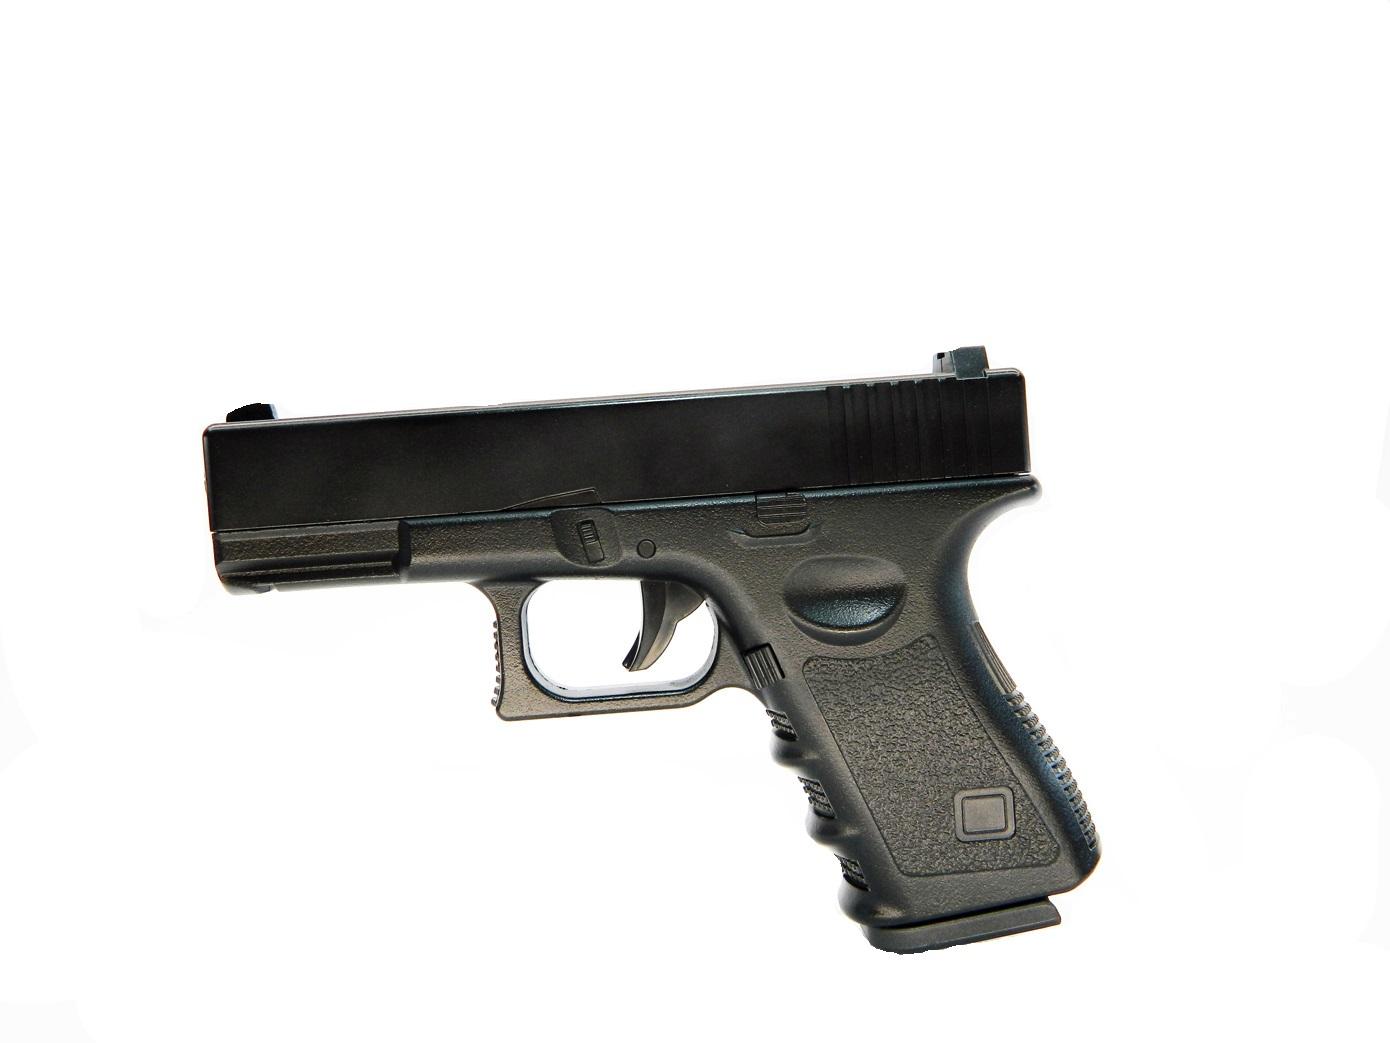 Макет пистолета Glock G17 в натуральную величину